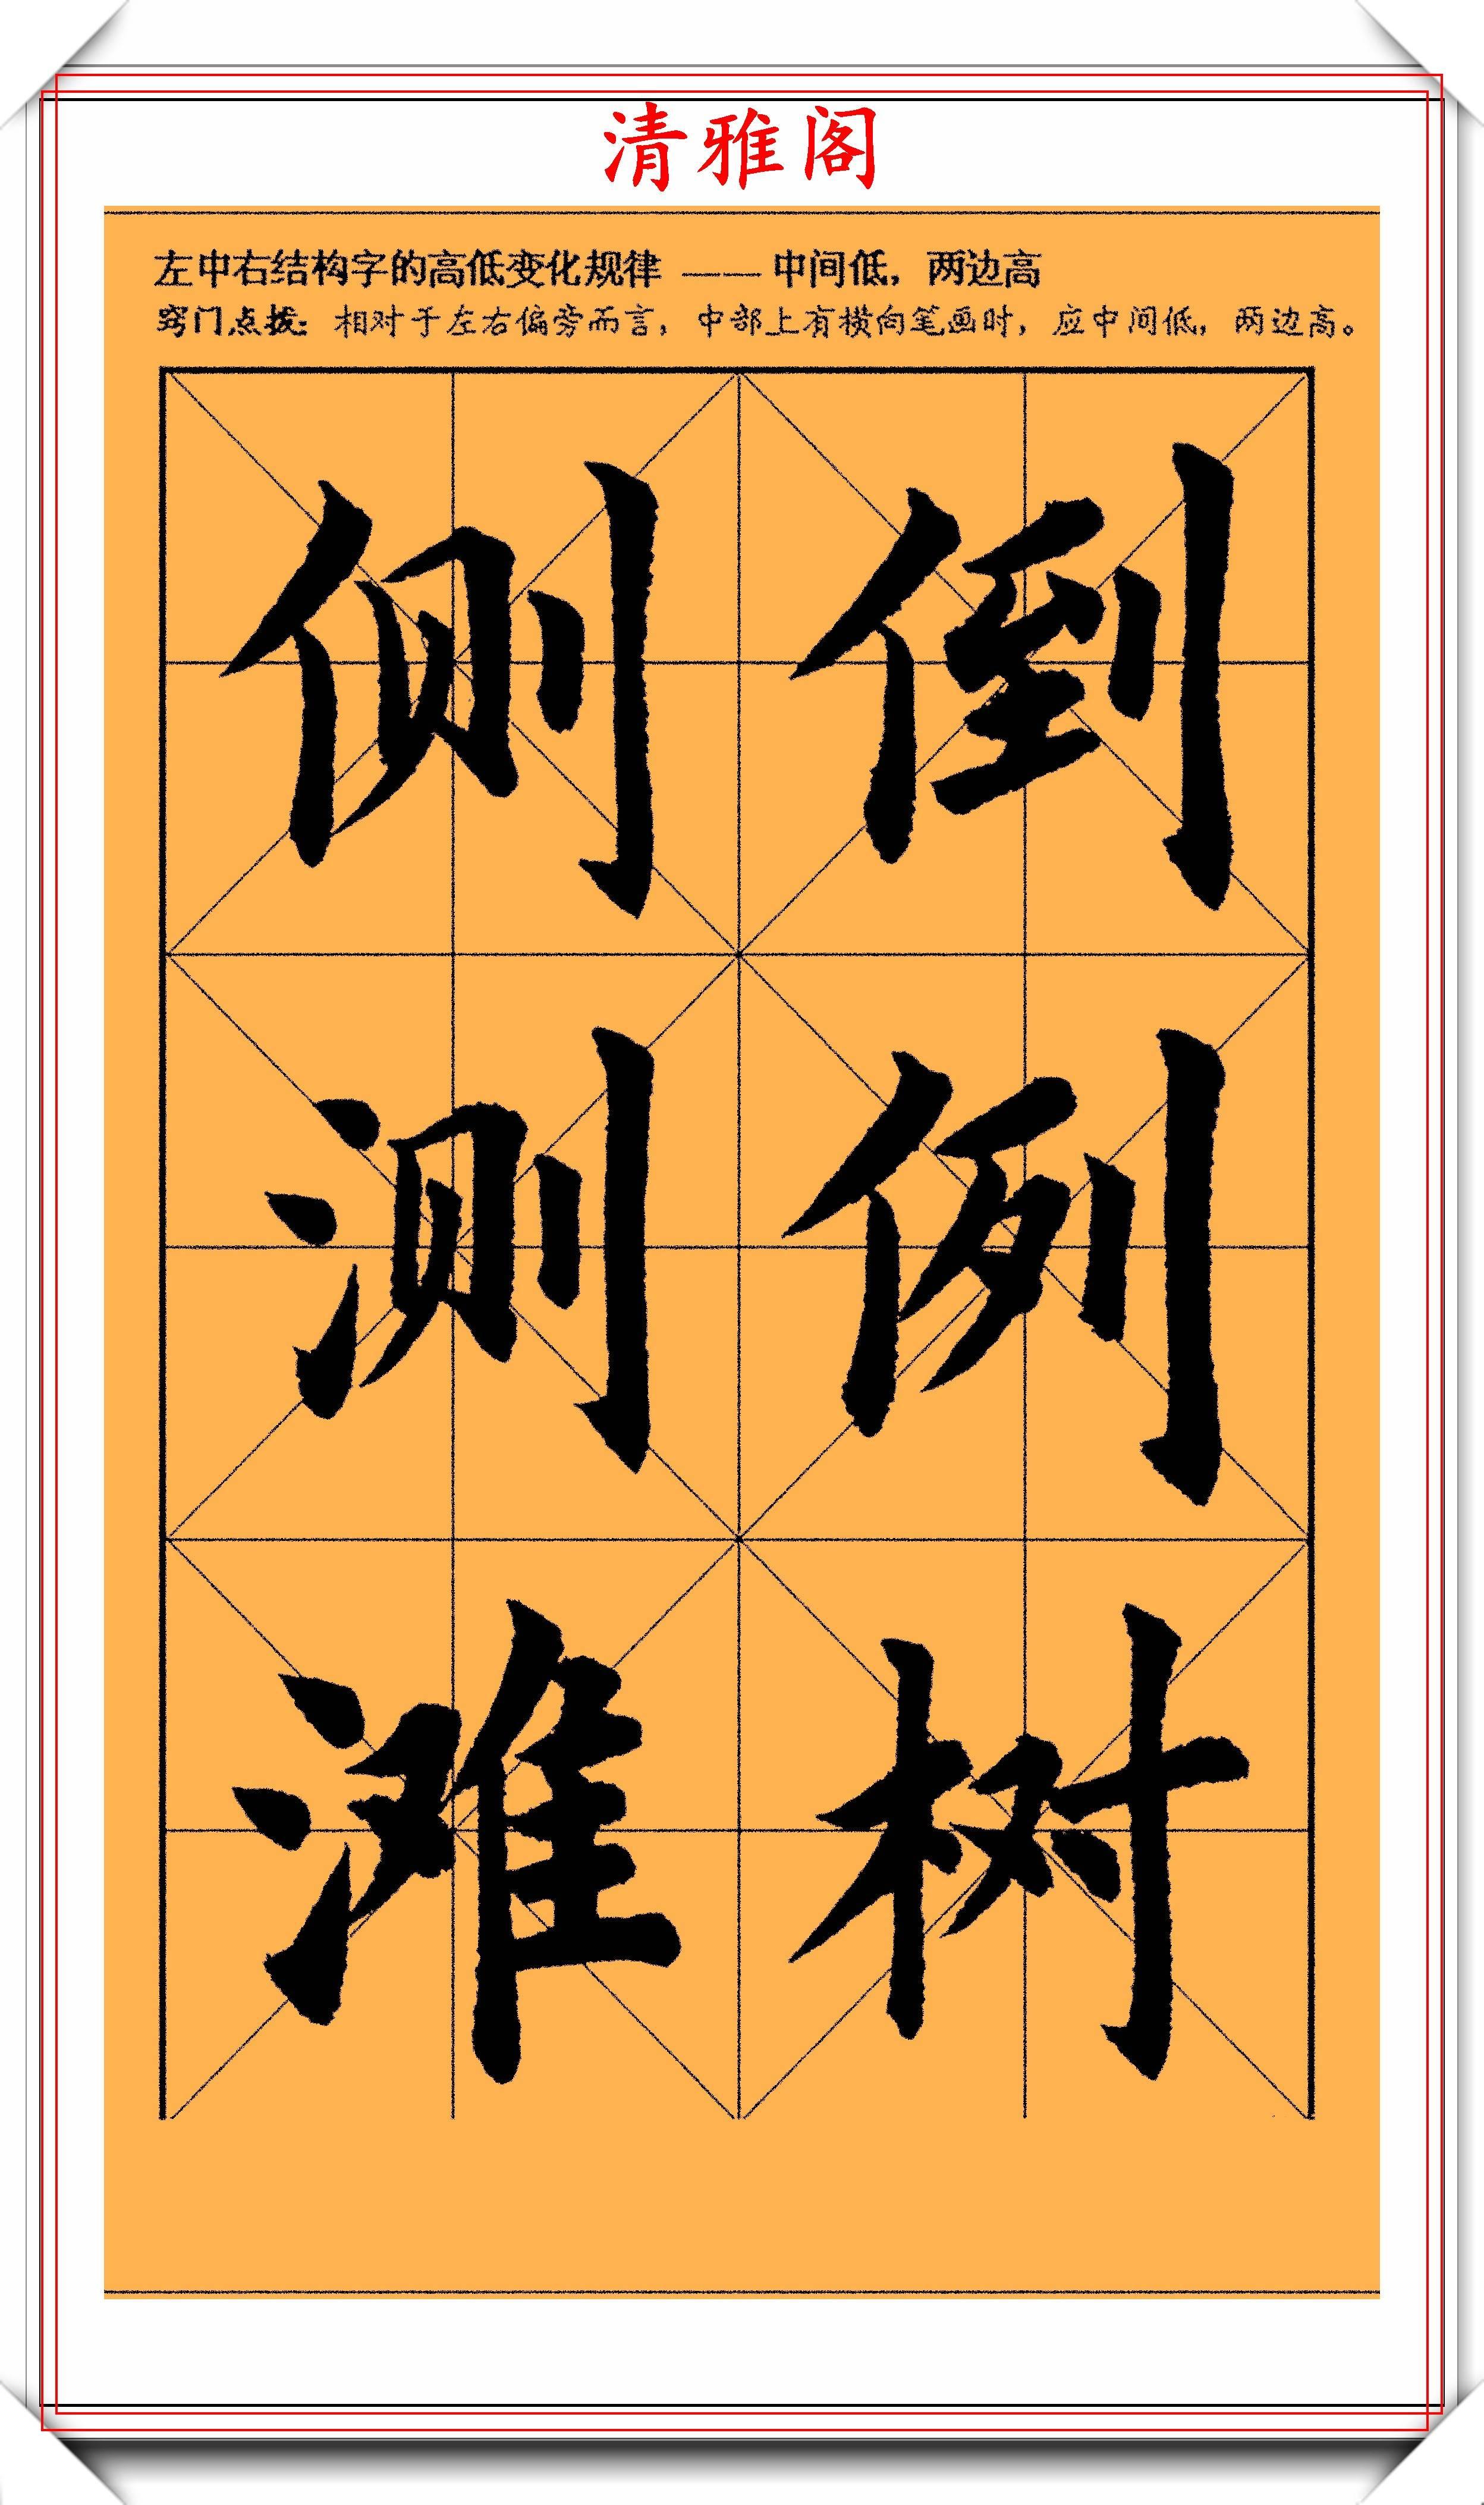 汉字有几种字体配图